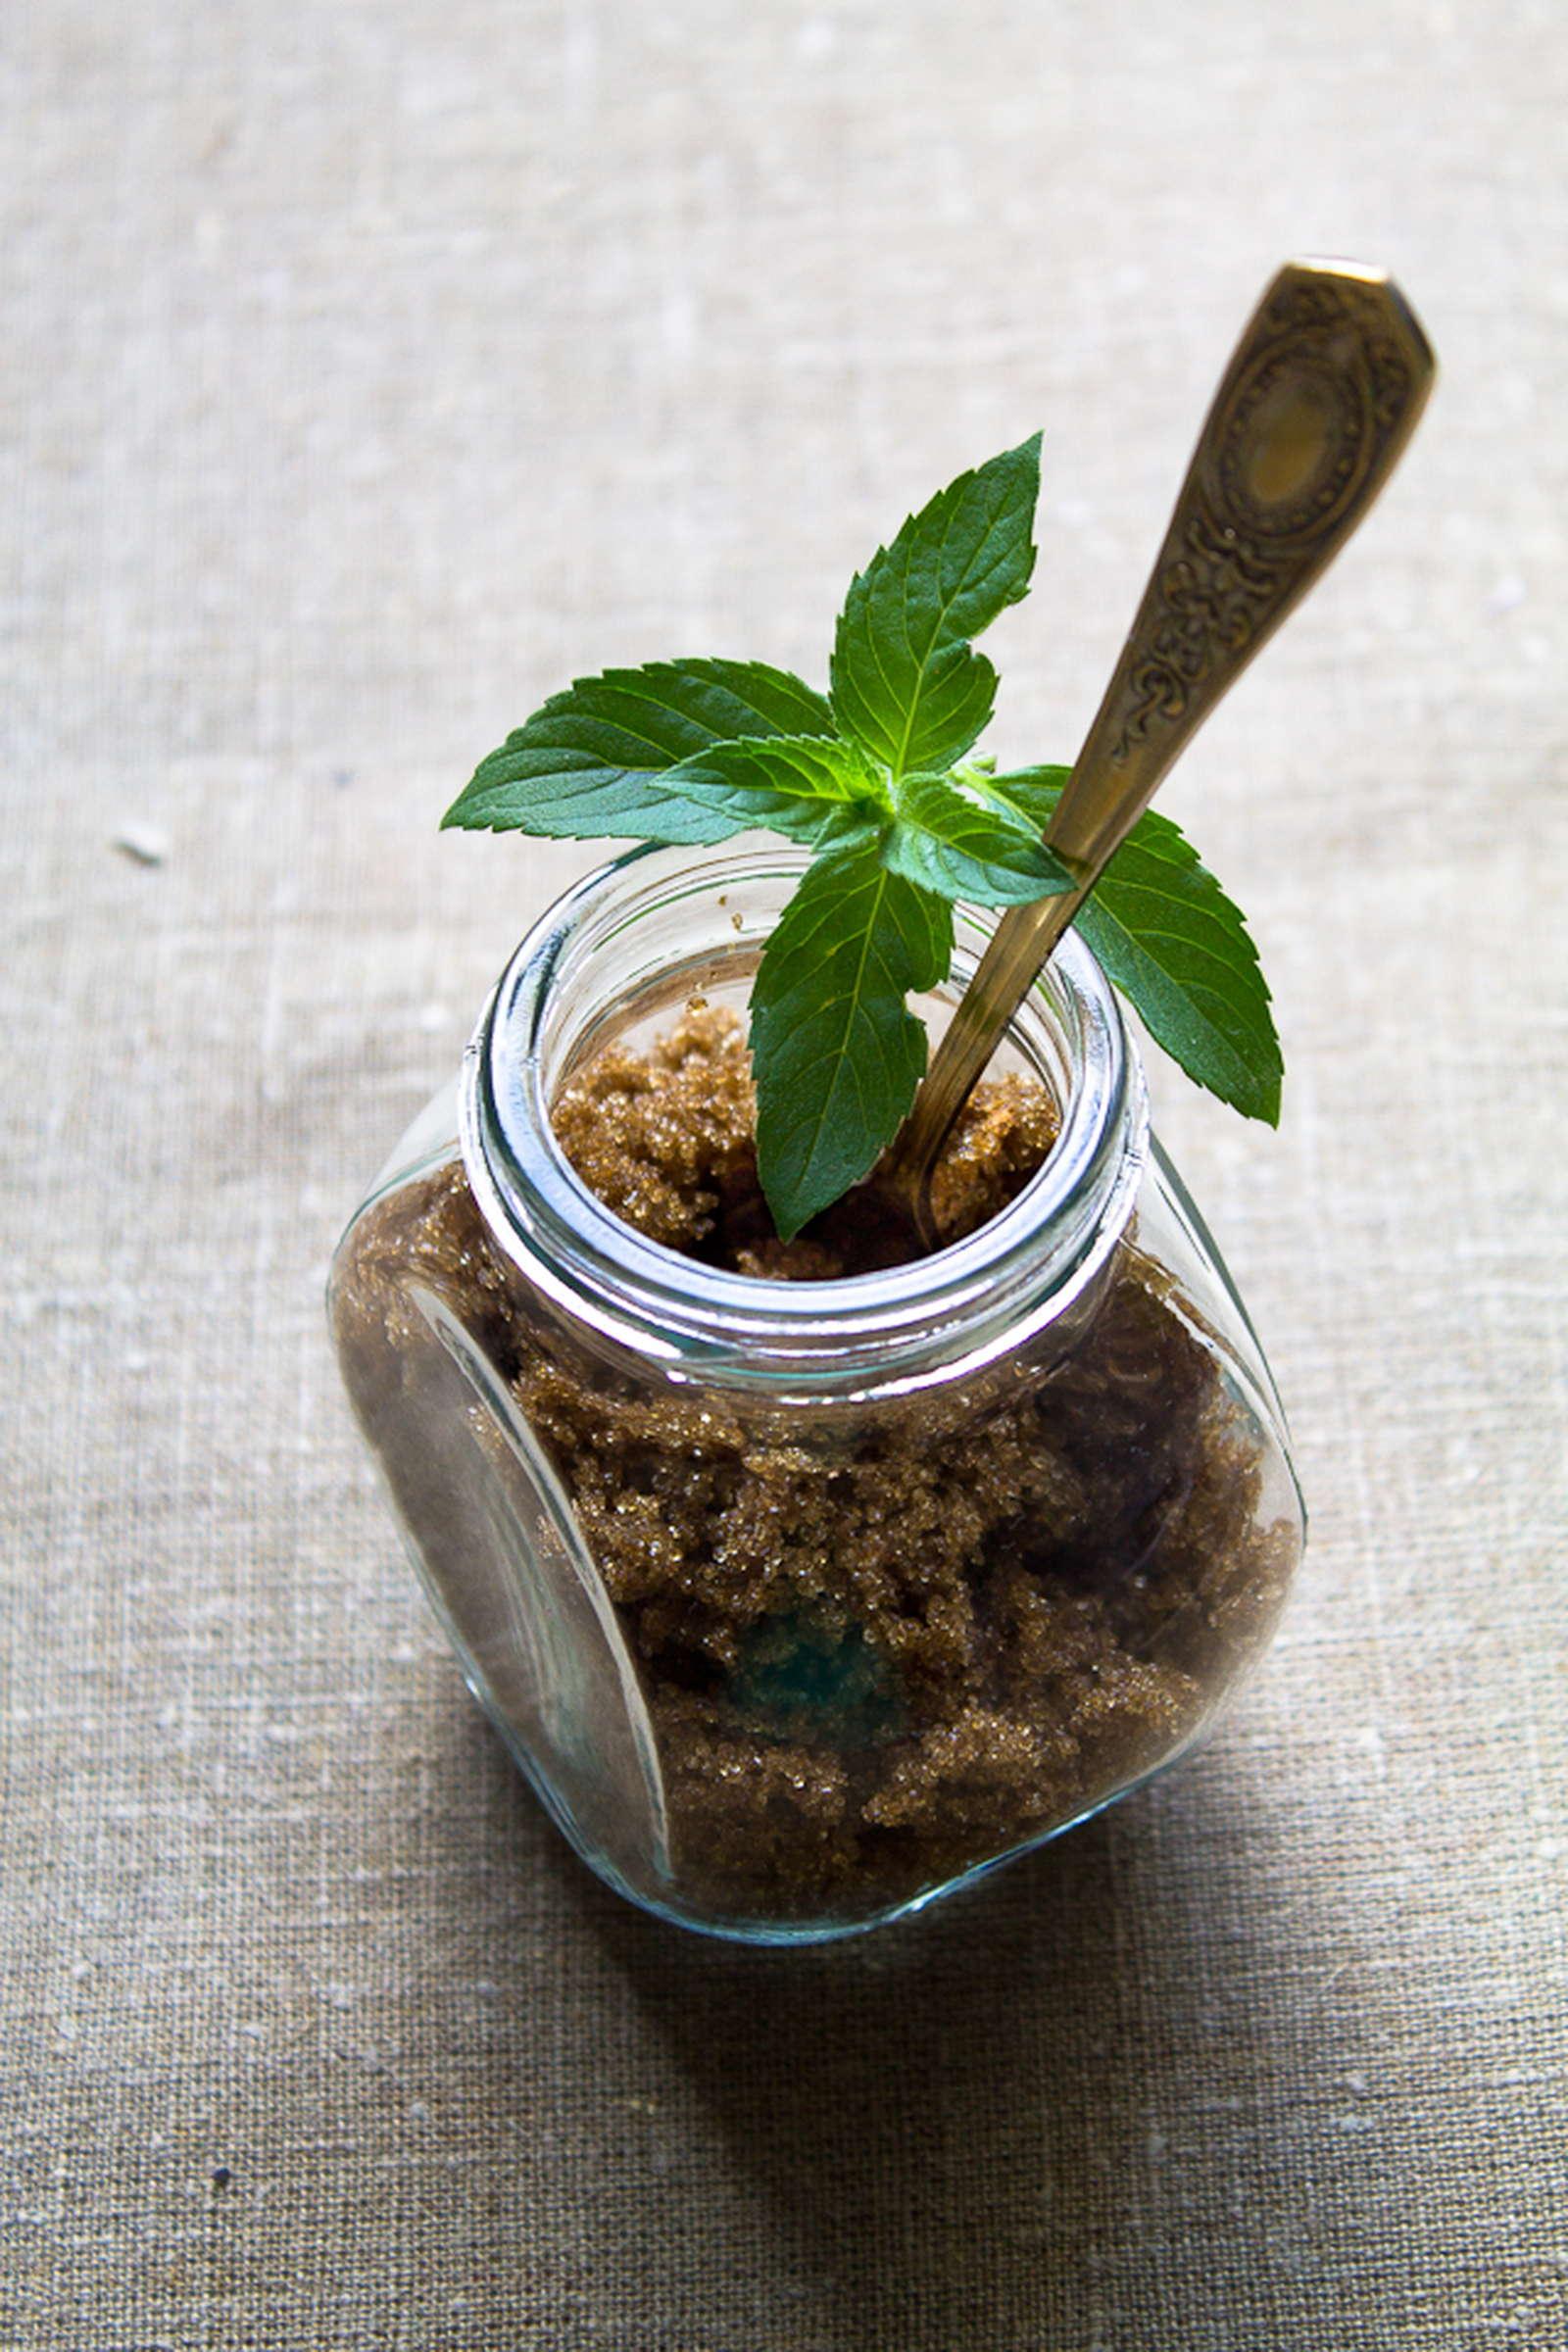 Lieblings Pfefferminze: ernten und verwenden - Plantura #ZH_17